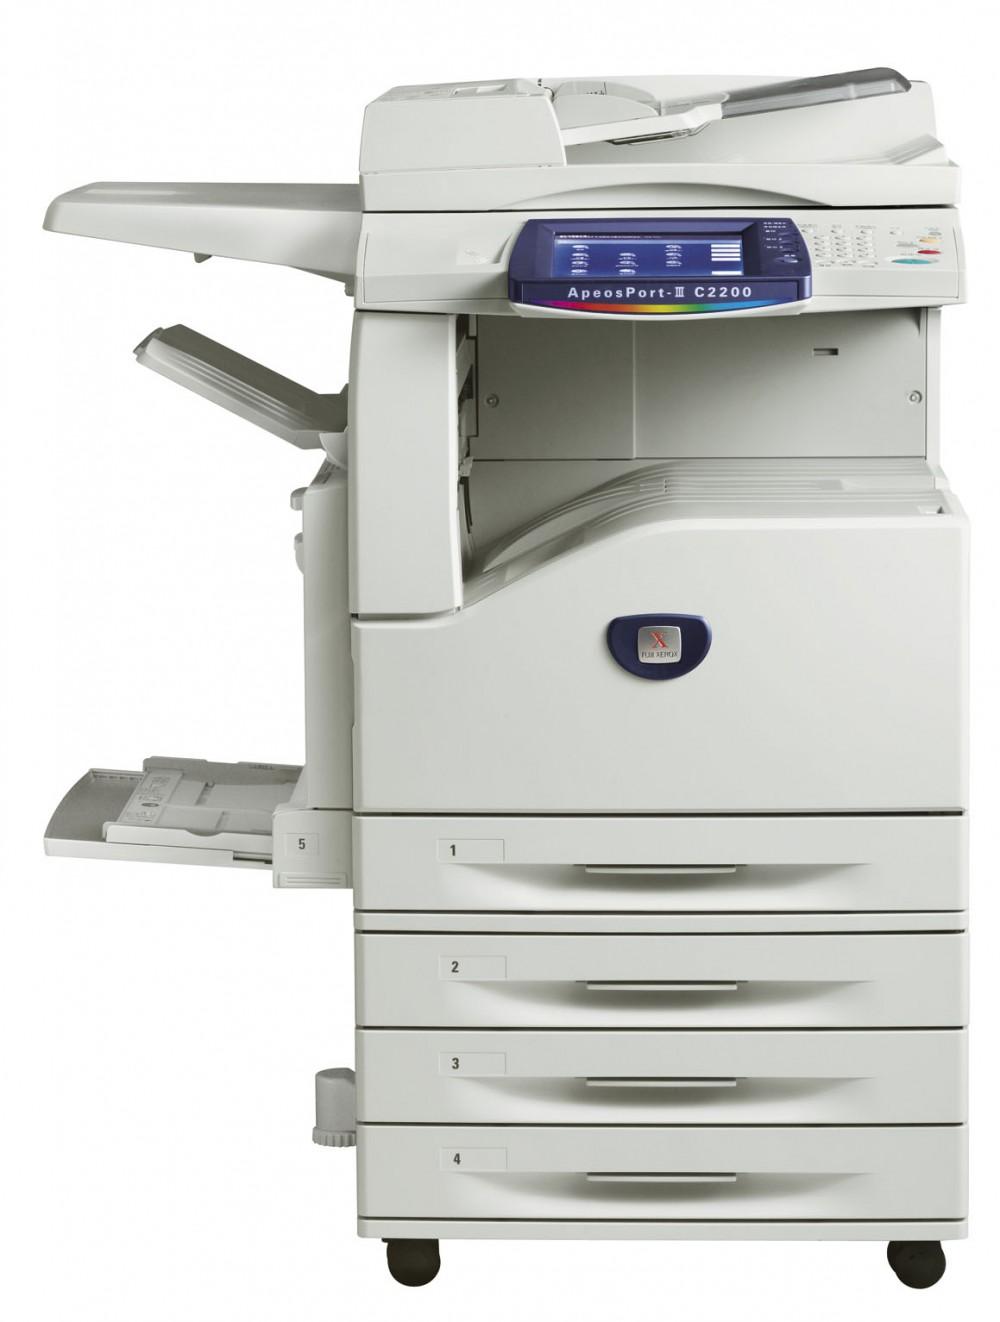 花都施乐彩色复印机出租:高效,稳定。戴生